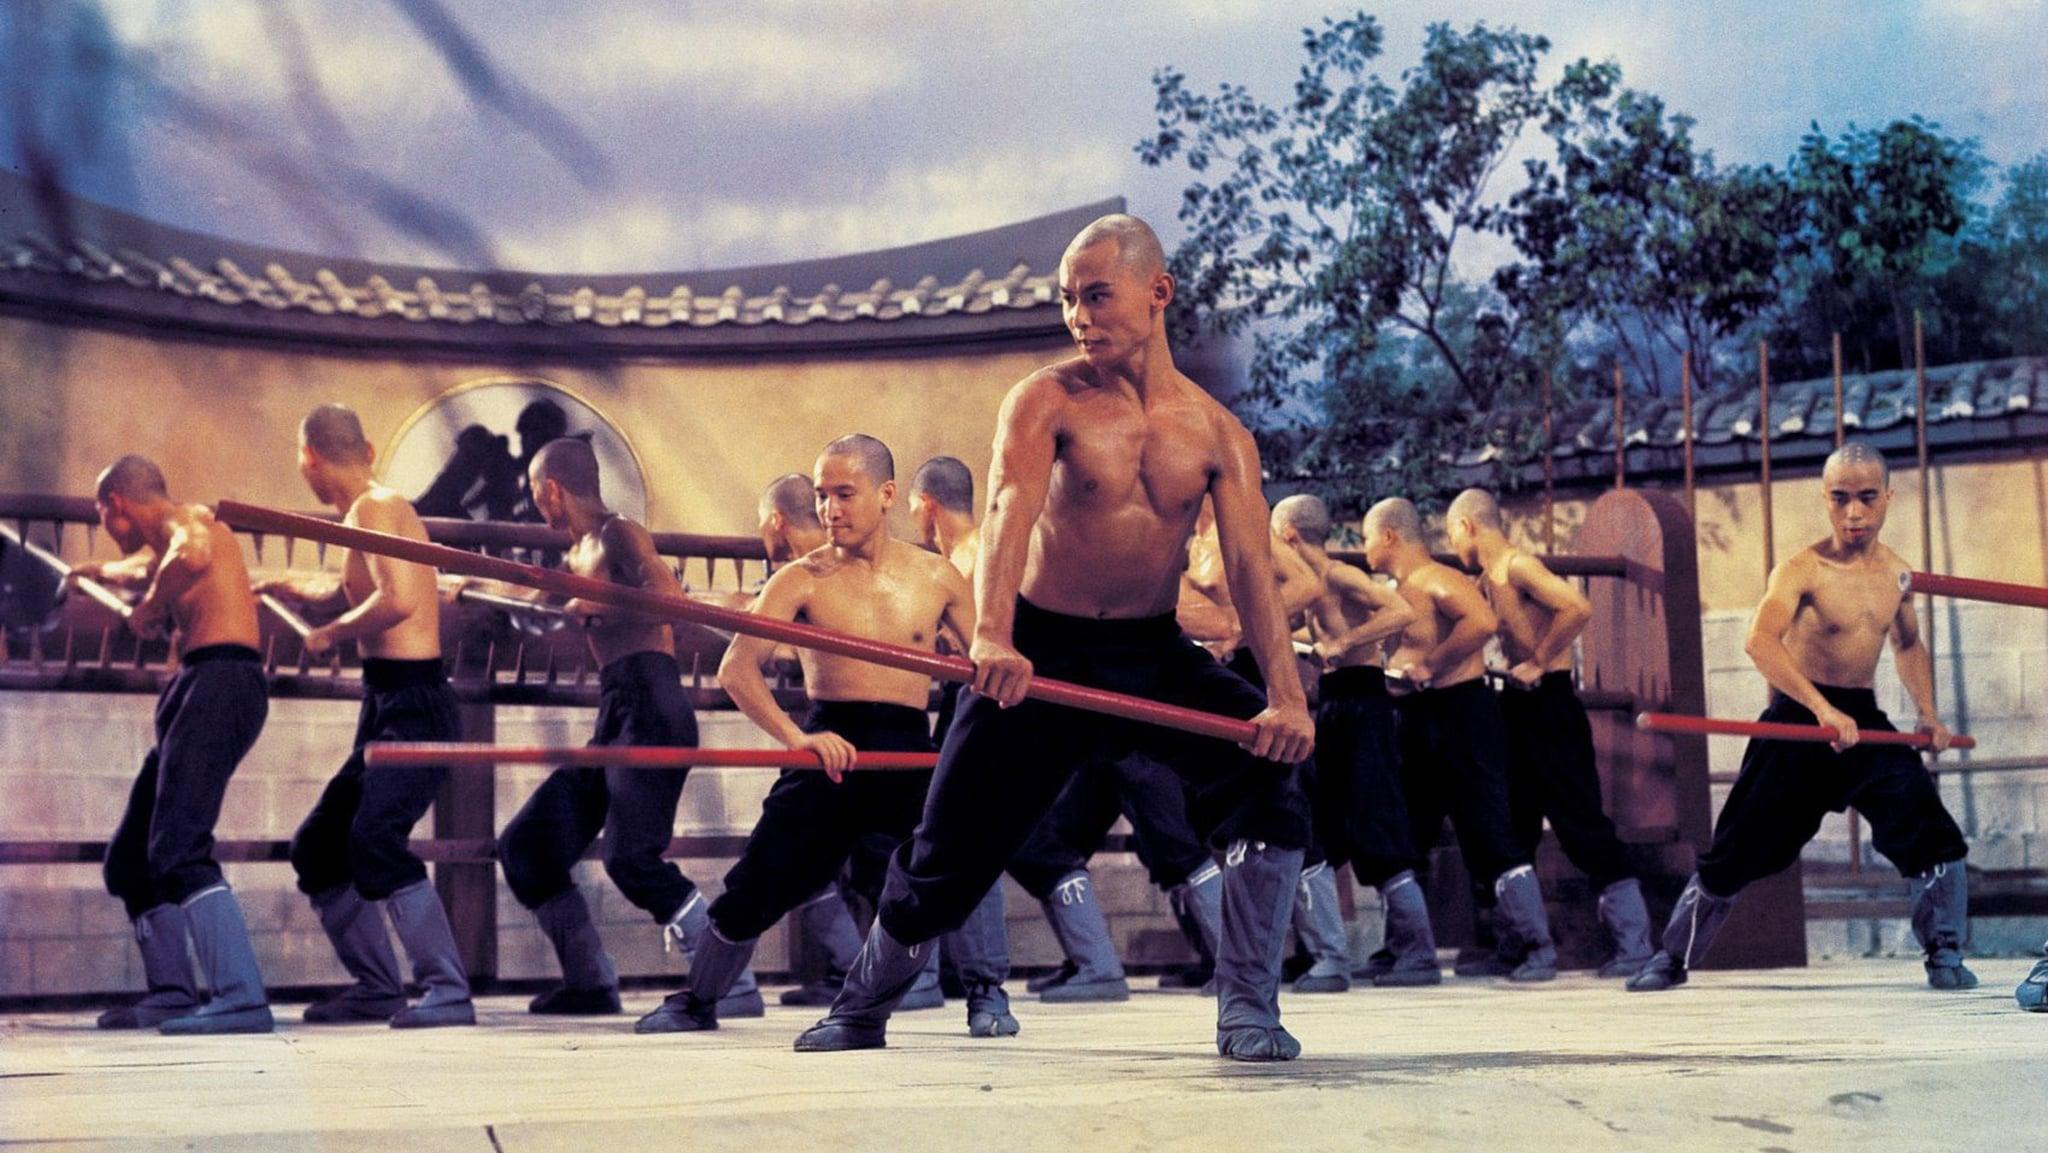 少林三十六房 (1978) Full Movie